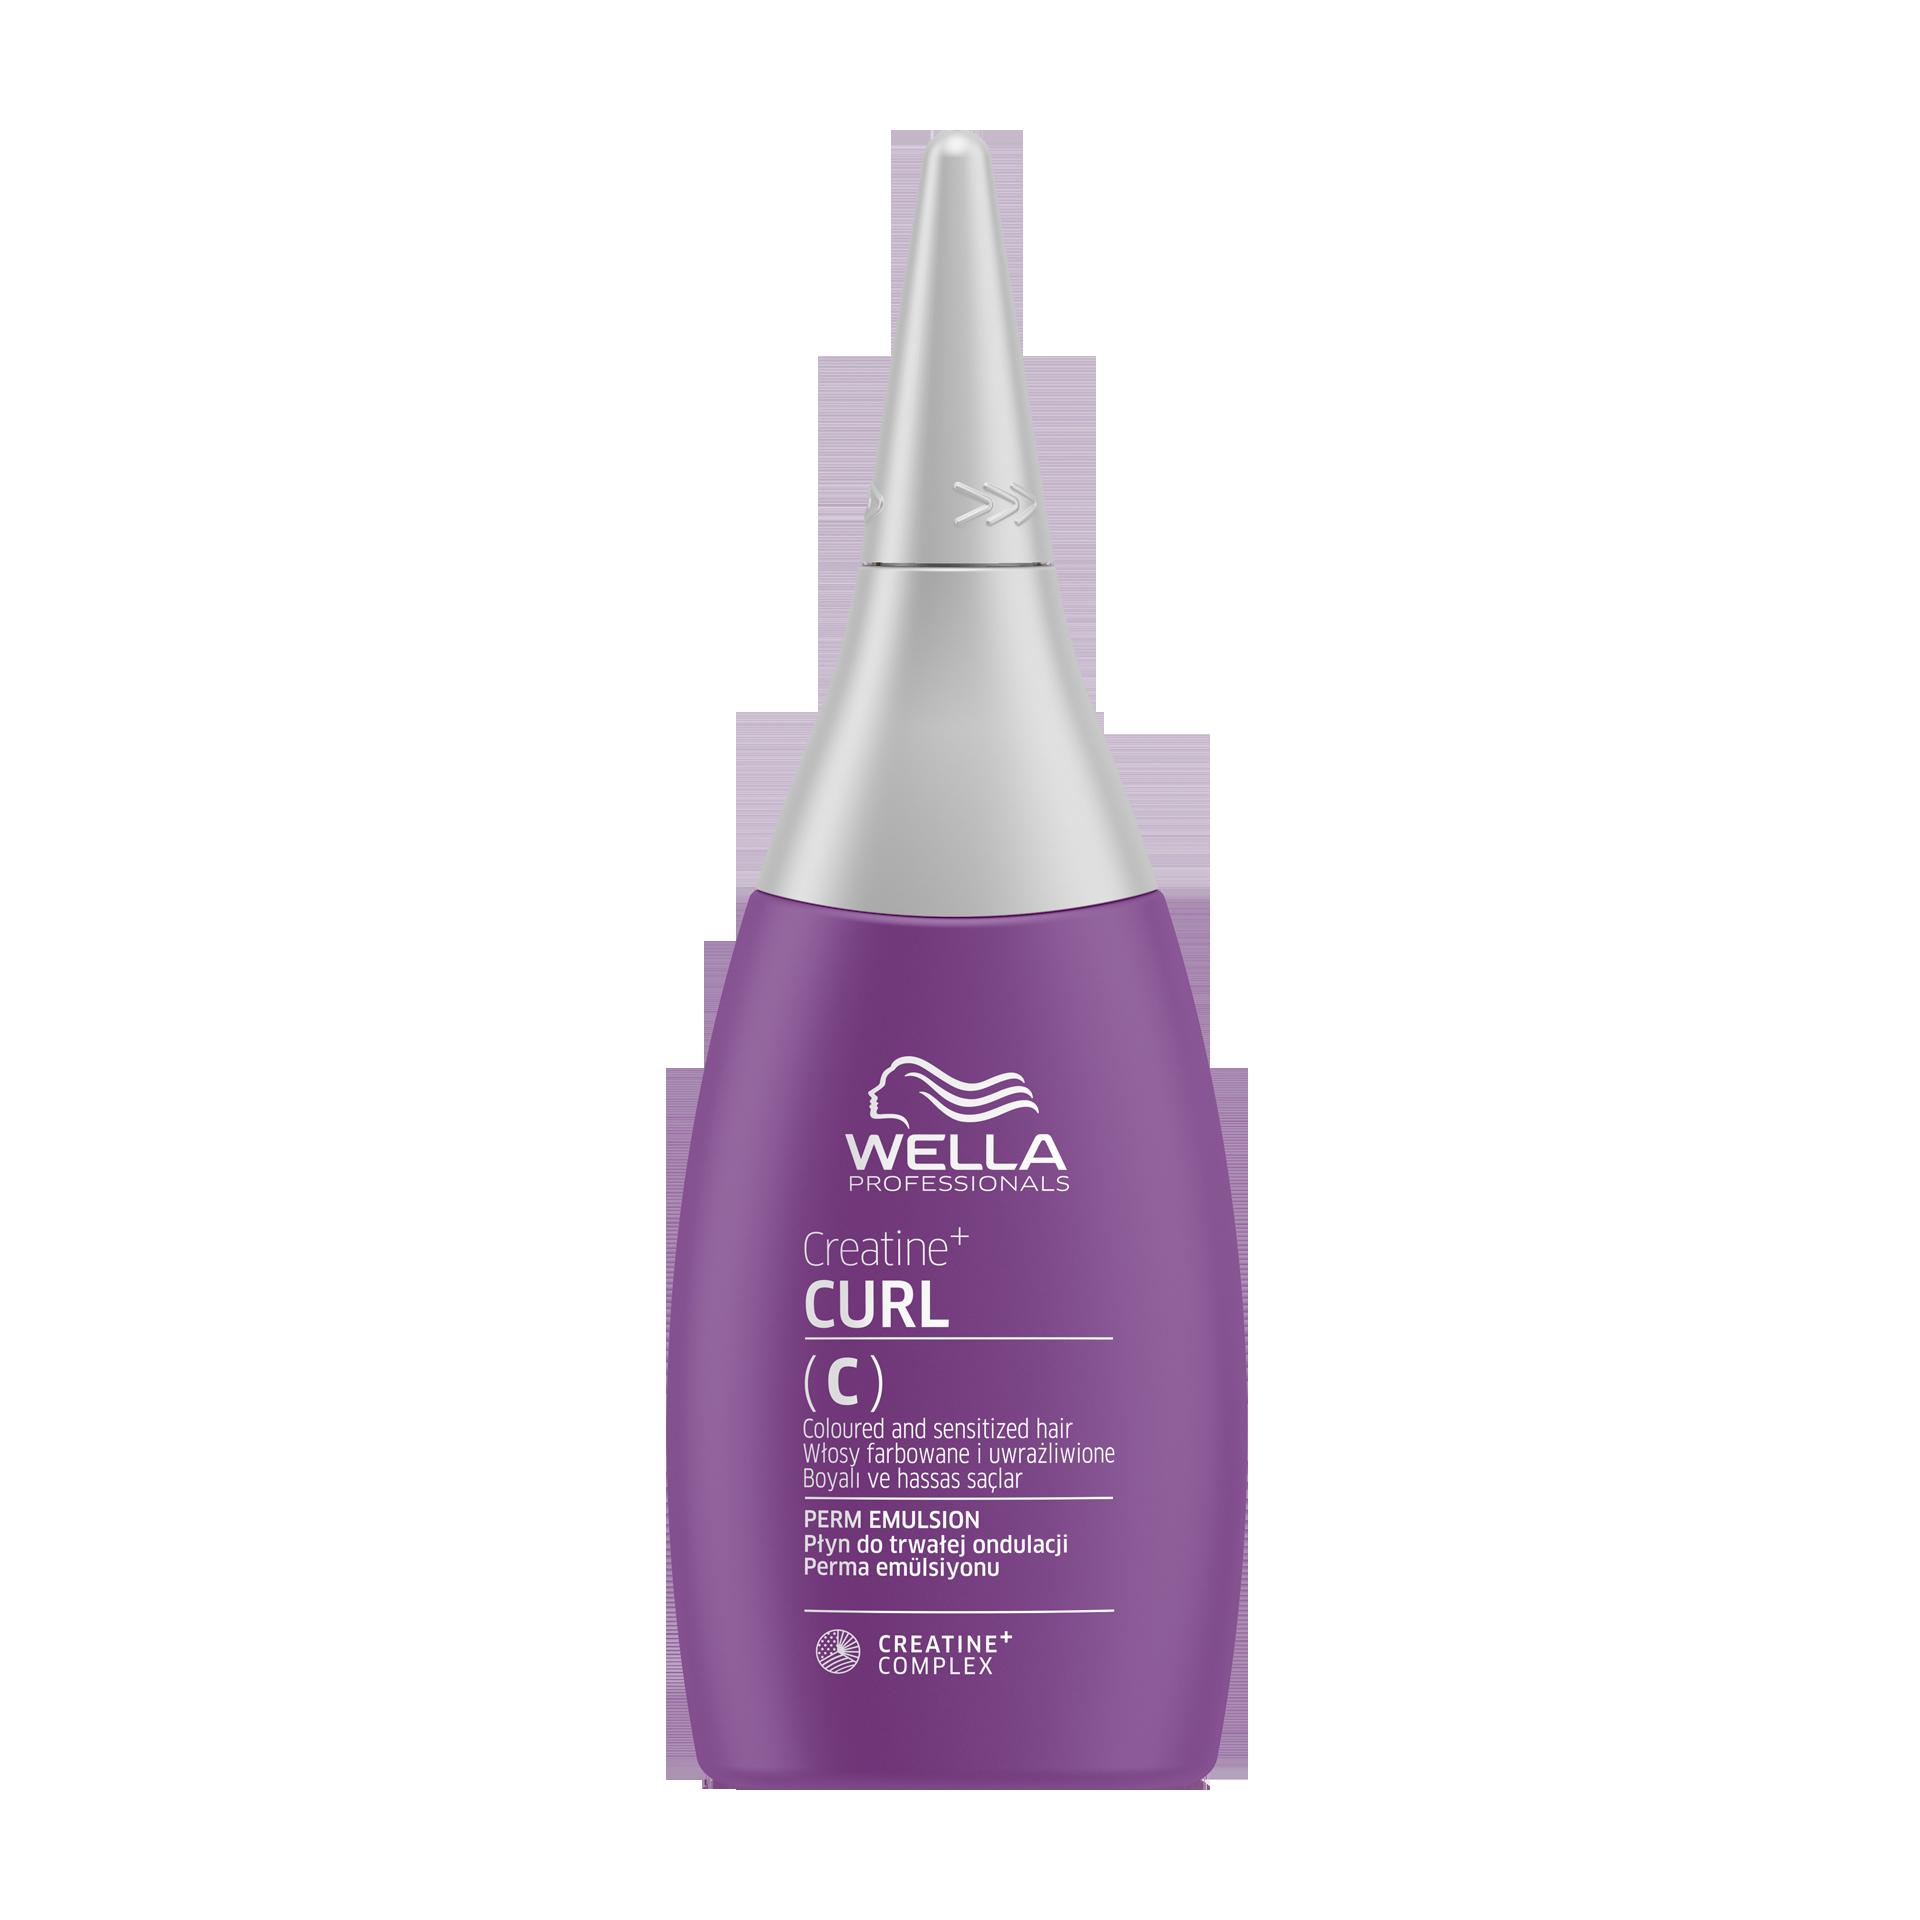 Купить WELLA Professionals Лосьон для окрашенных и чувствительных волос / CREATINE+ CURL 75 мл